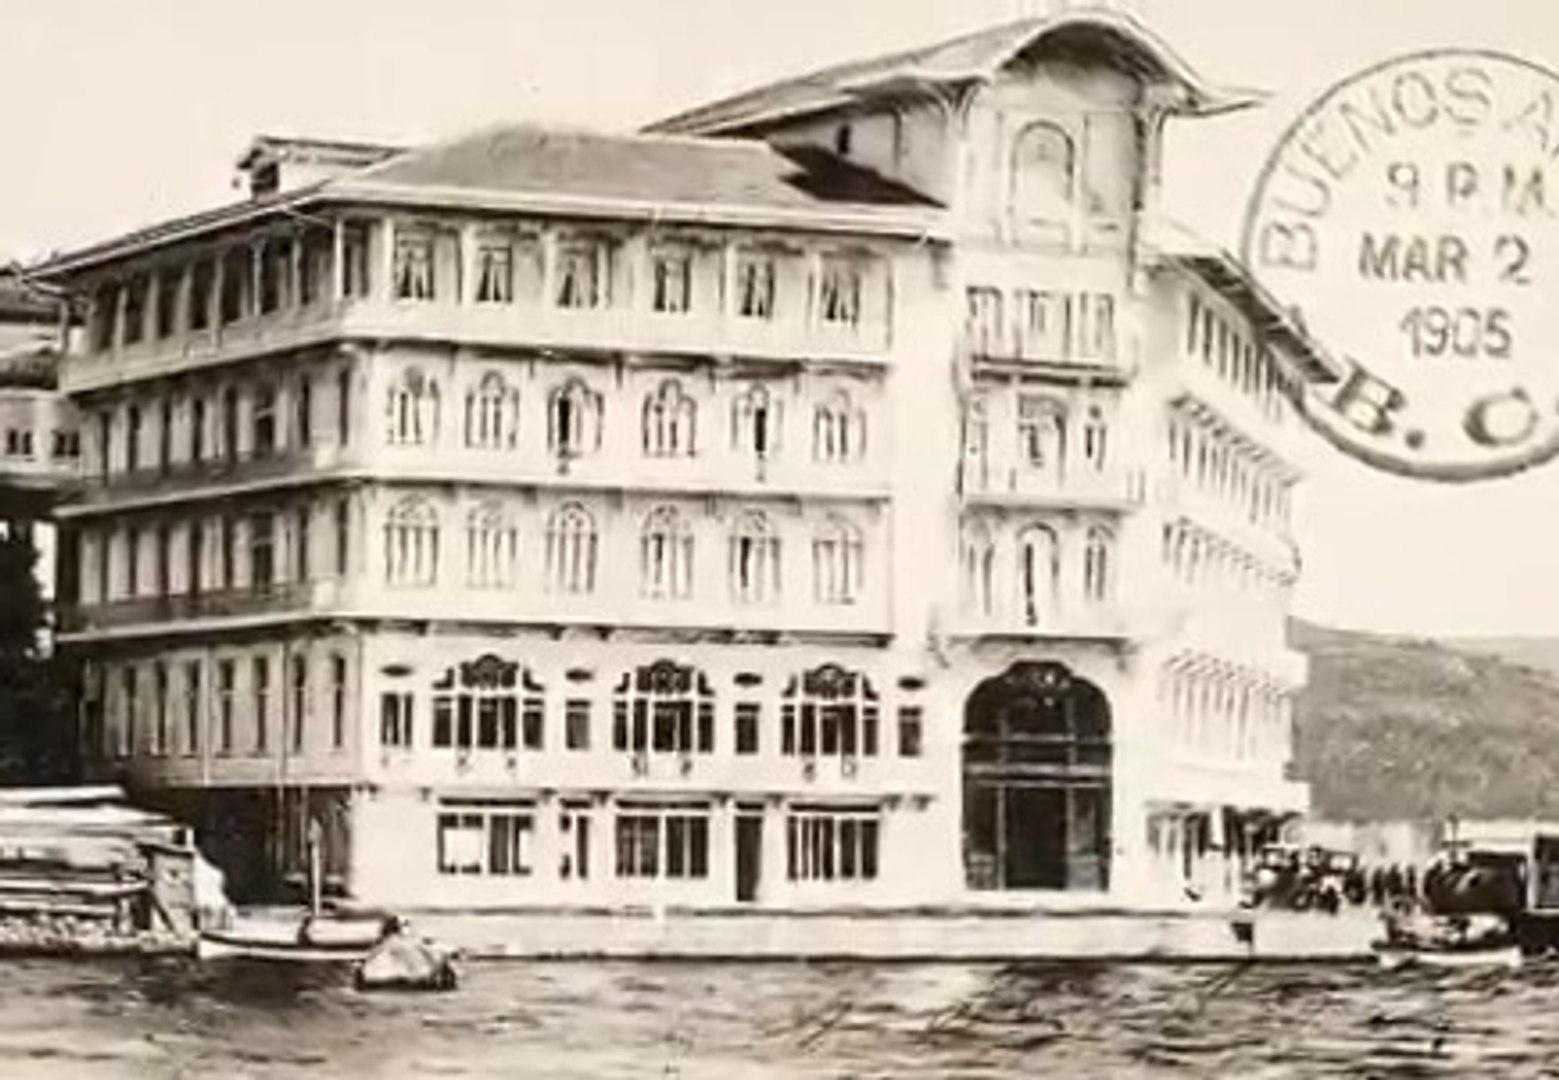 1928 yılında Paul Whiteman tarafından yapılan